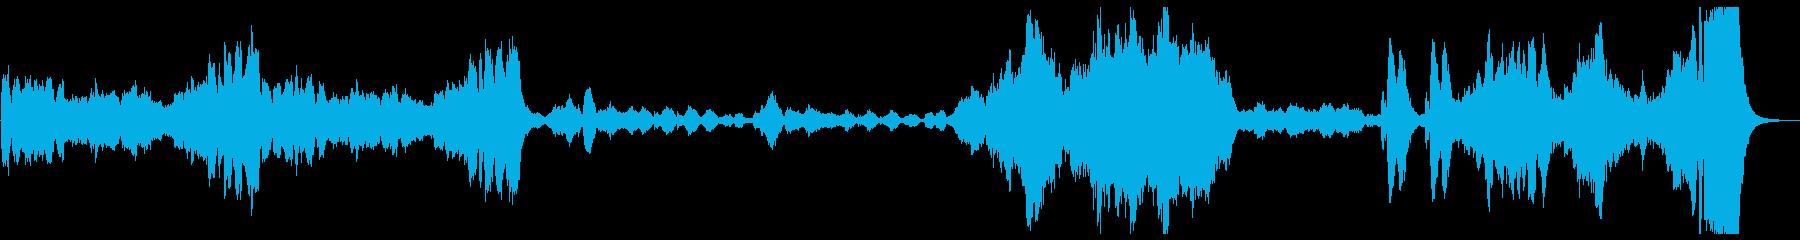 『古風なメヌエット』オーケストラ版冒頭の再生済みの波形